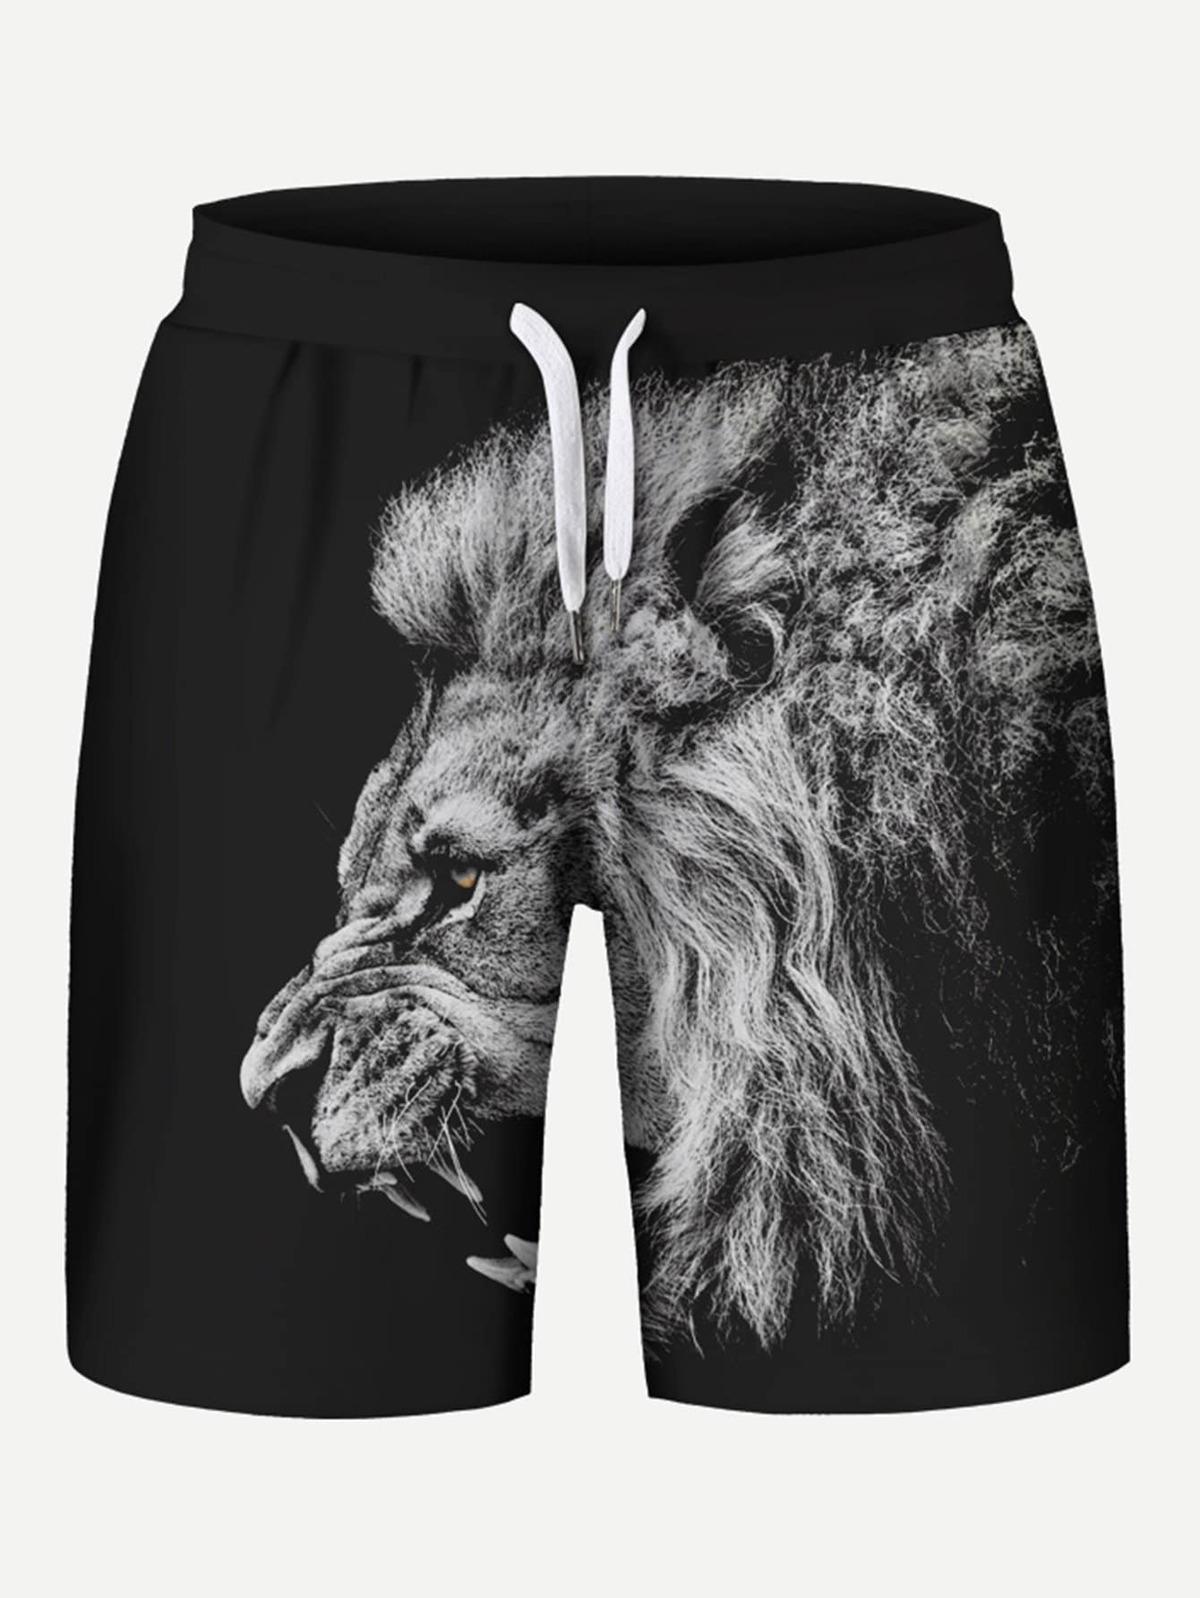 男人 獅子 圖片 束帶 短褲